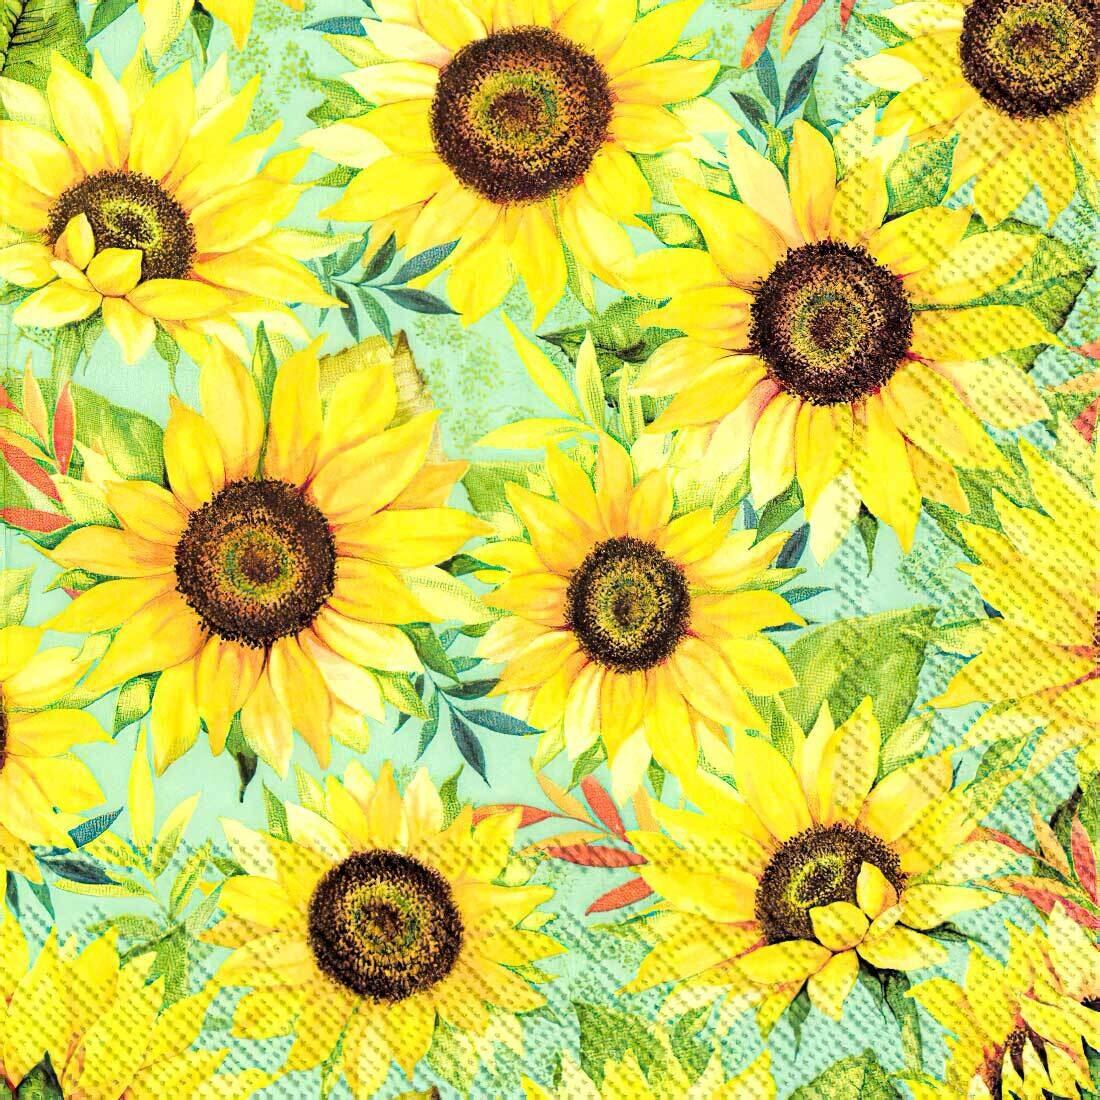 Decoupage Paper Napkins - Floral - Sunflower - Vincent (1 Sheet)